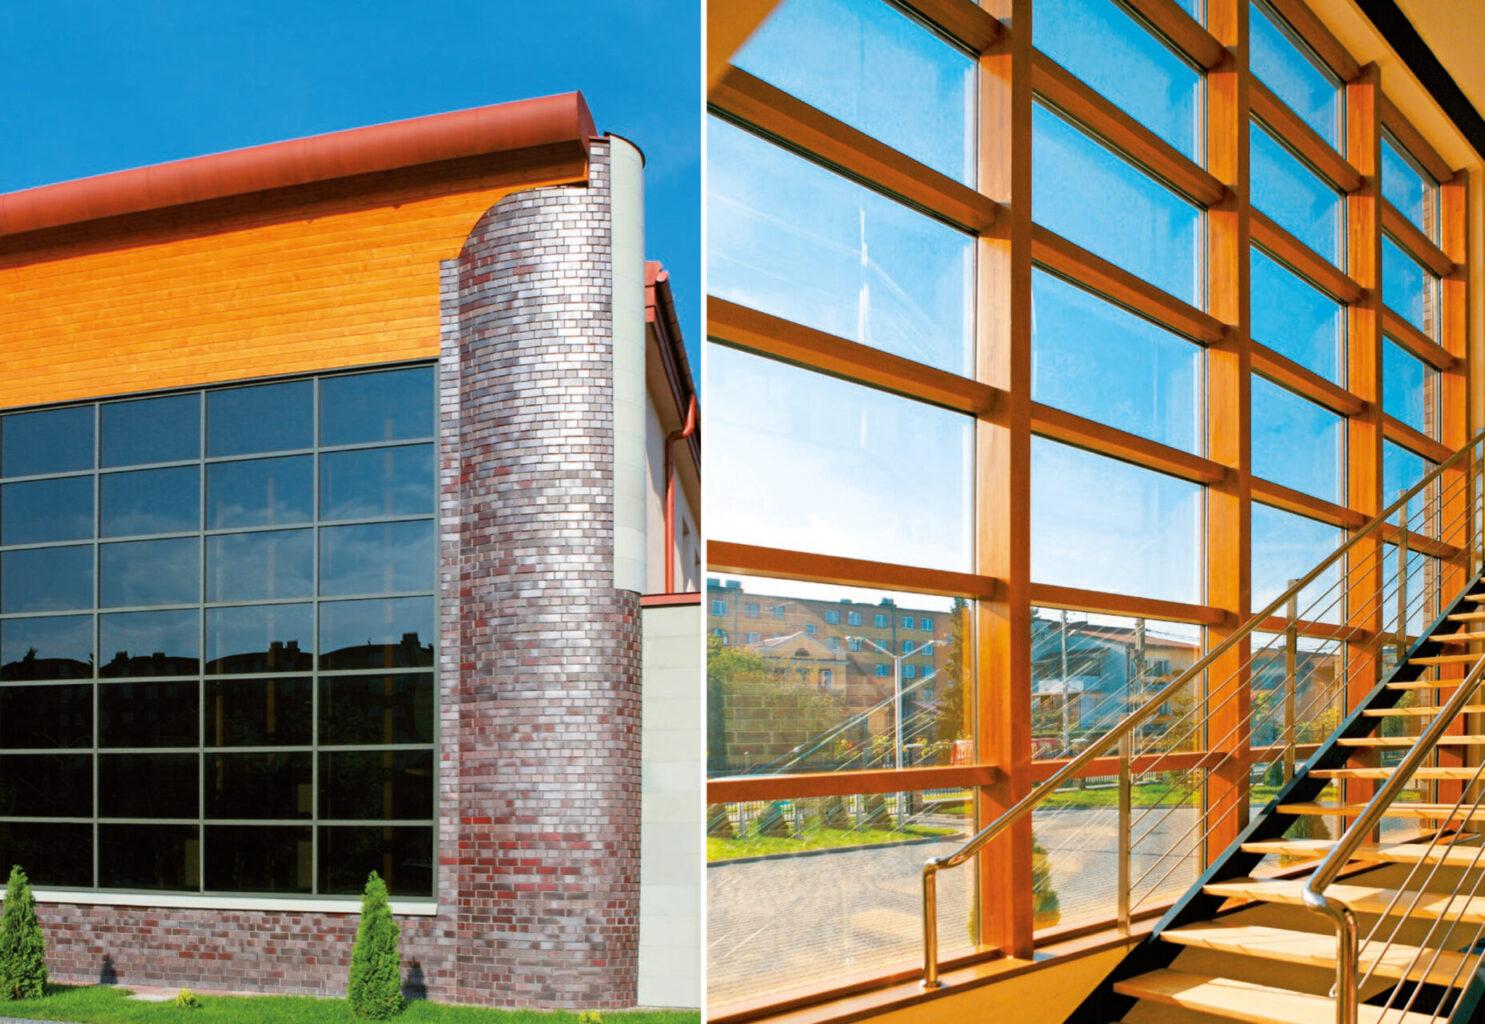 Rahmenlosen Fenster Wisniowski1